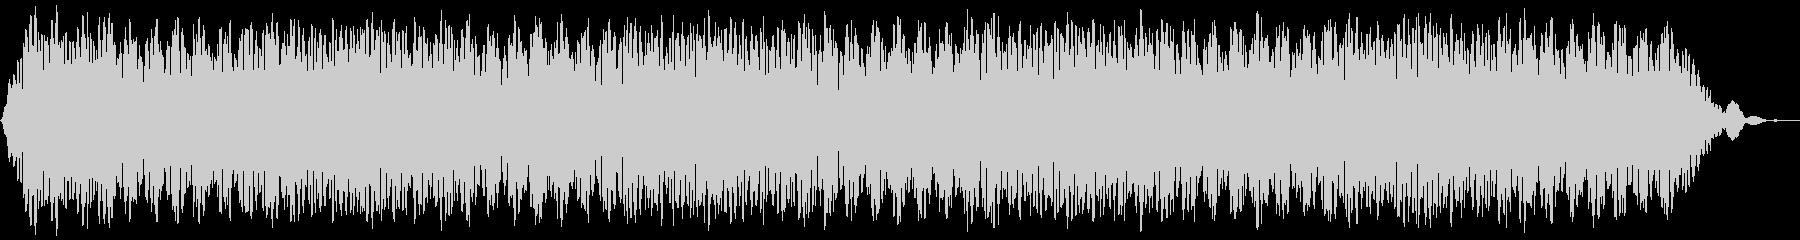 【アンビエント】ドローン_44 実験音の未再生の波形